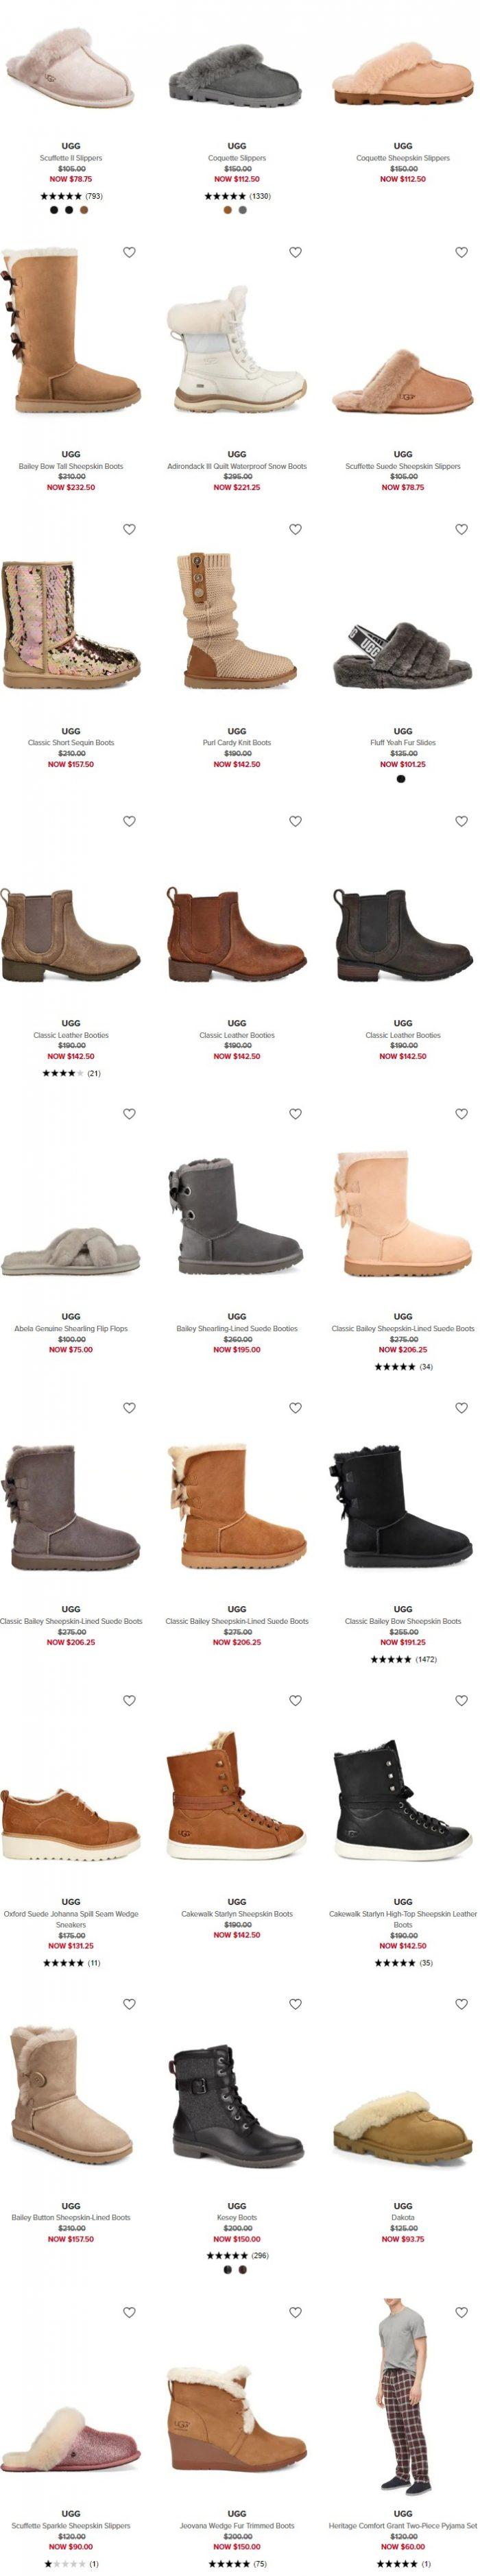 速抢!精选新款 UGG 雪地靴全部5.6折清仓,低至56.25加元!内有单品推荐!